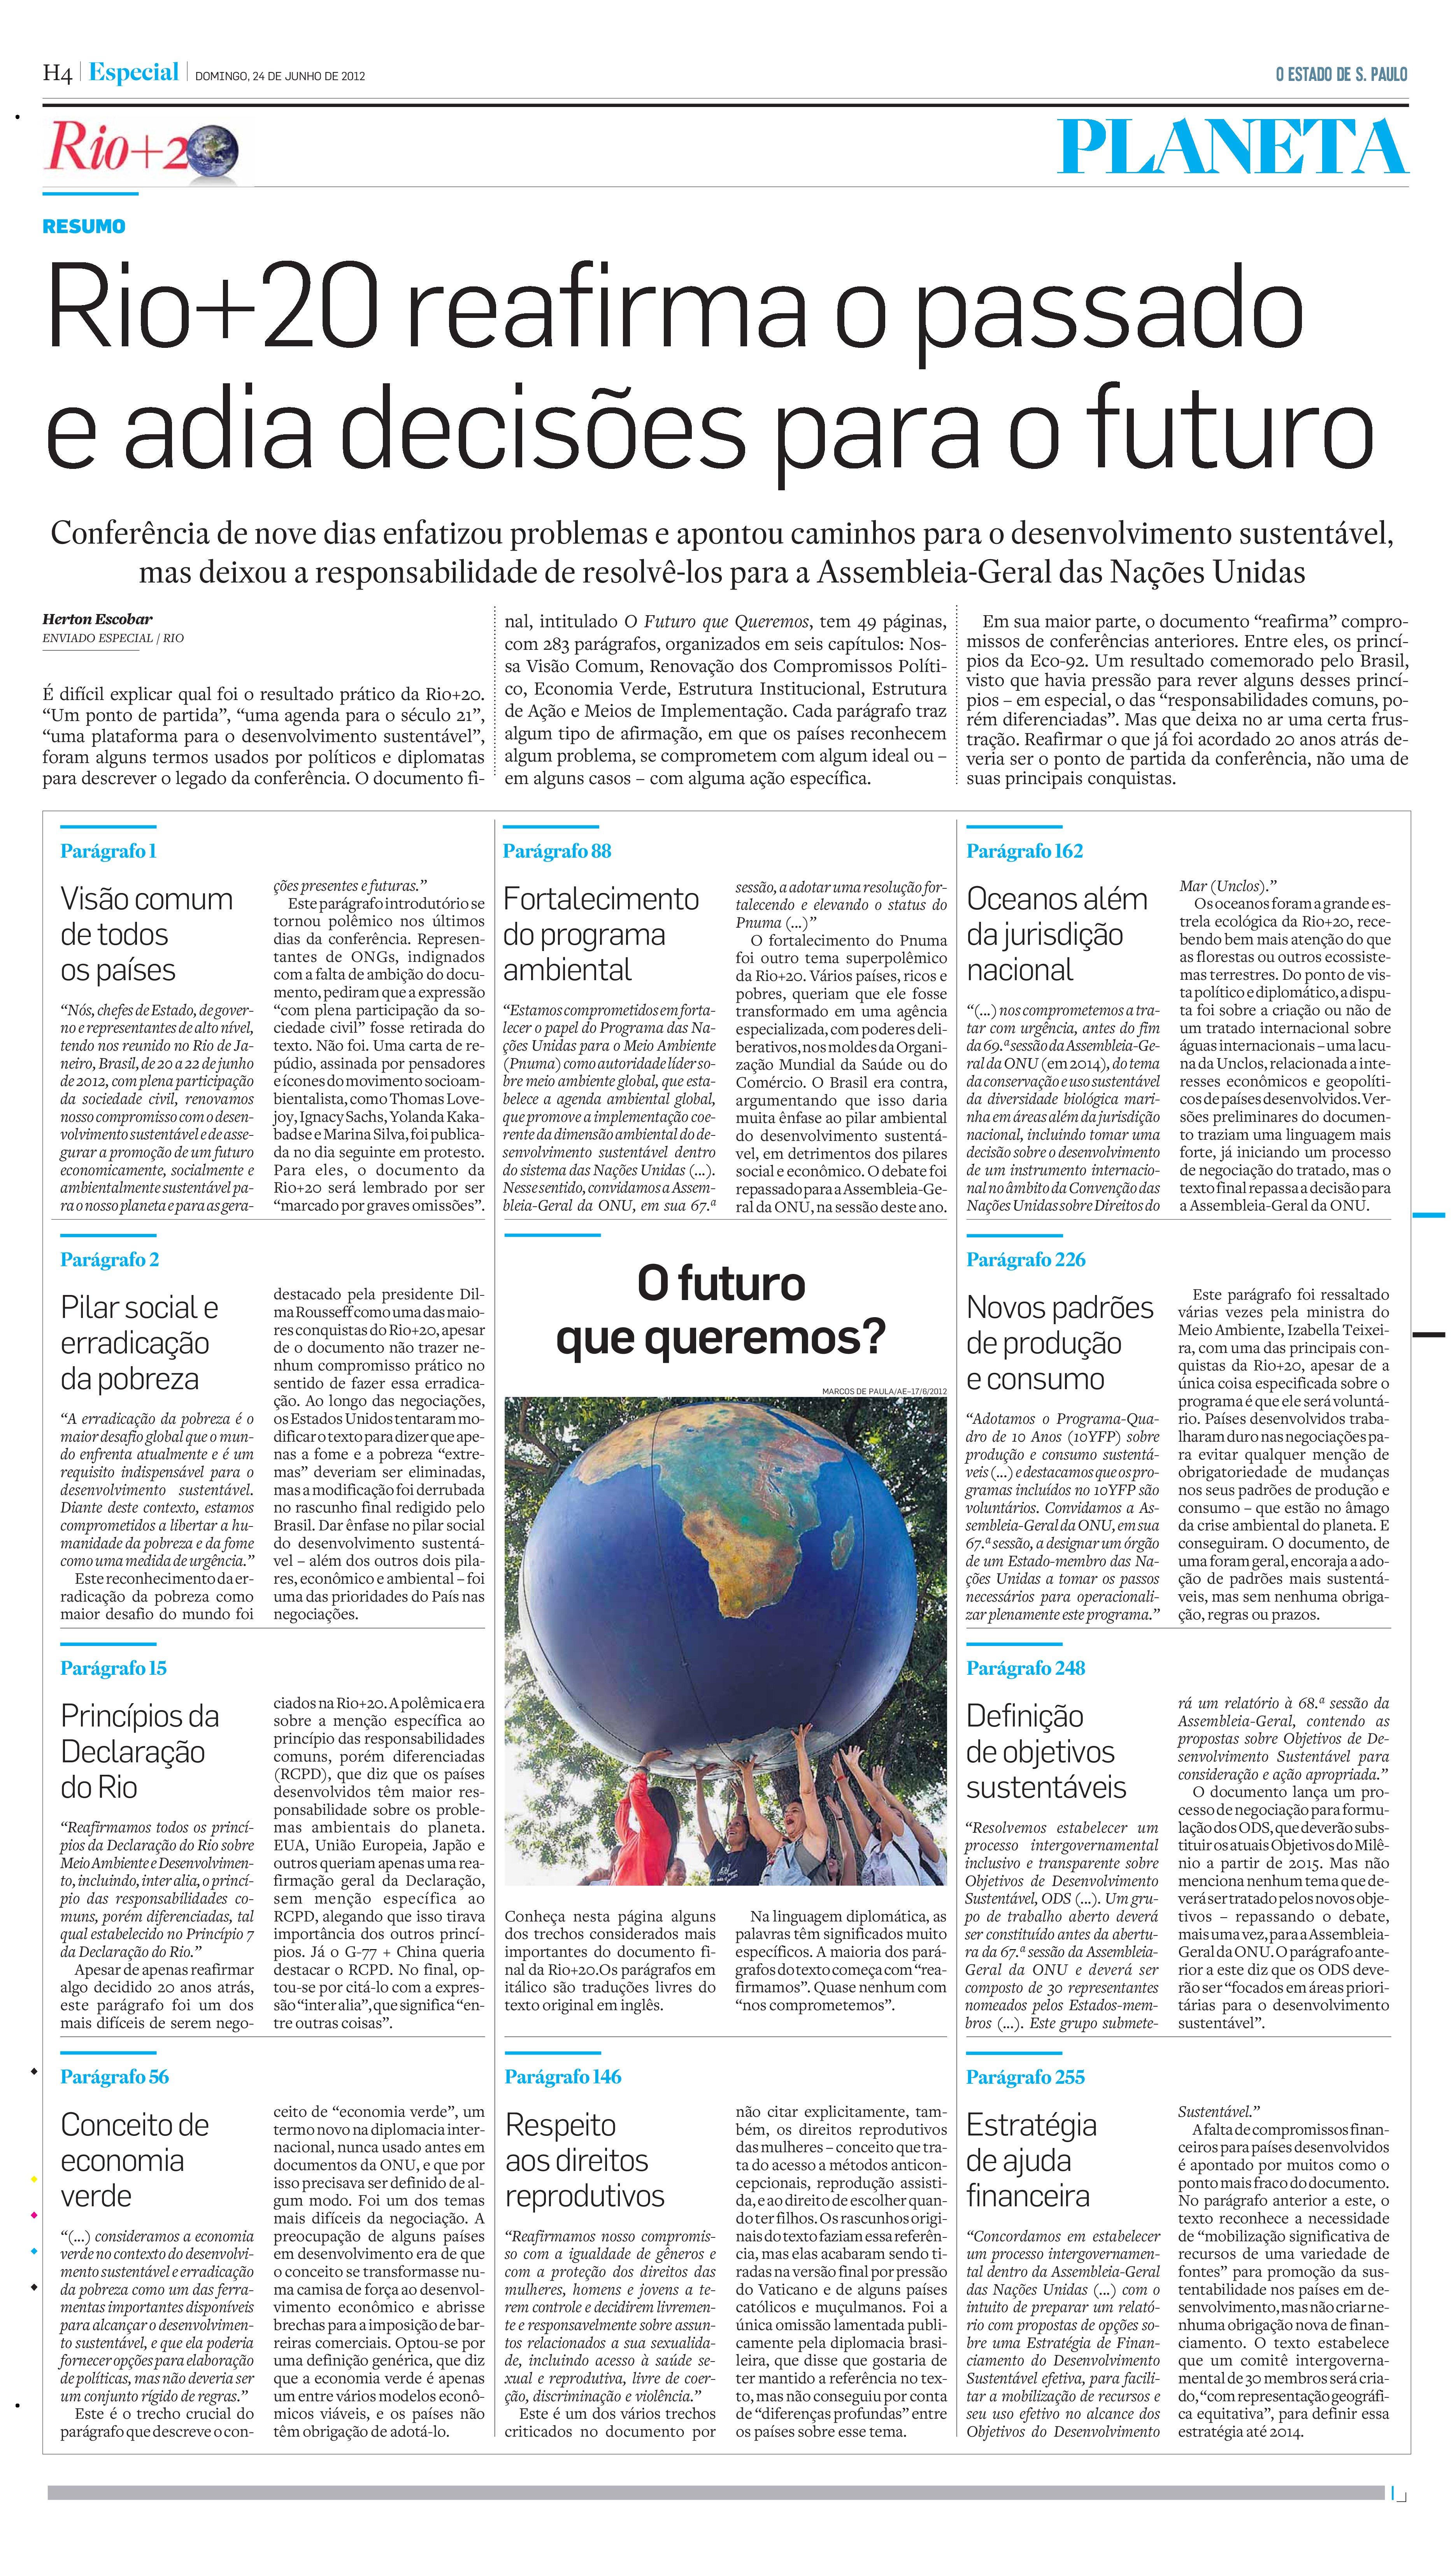 Rio+20 reafirma o passado e adia decisões para o futuro